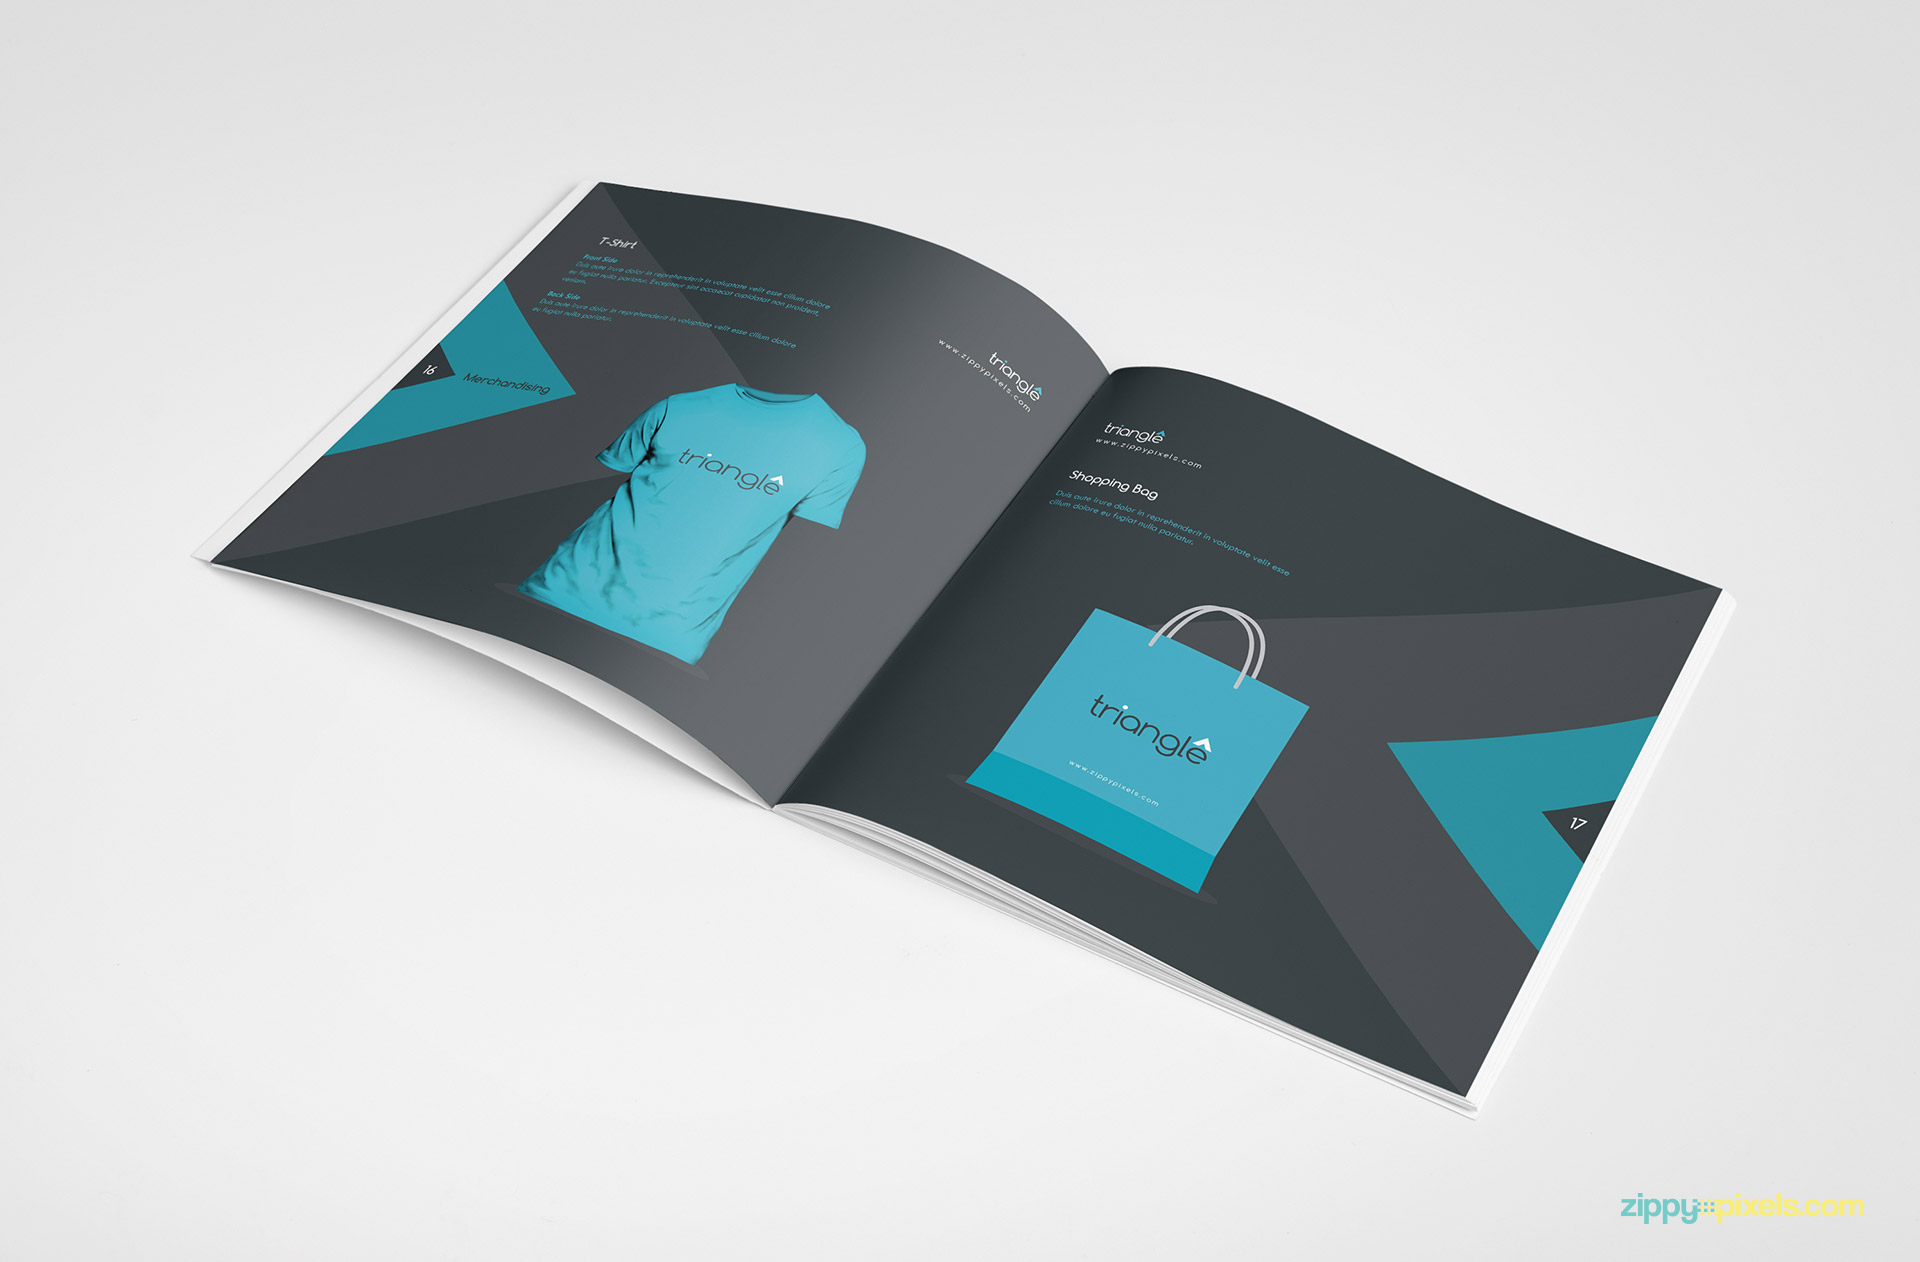 11-brand-book-11-merchandising